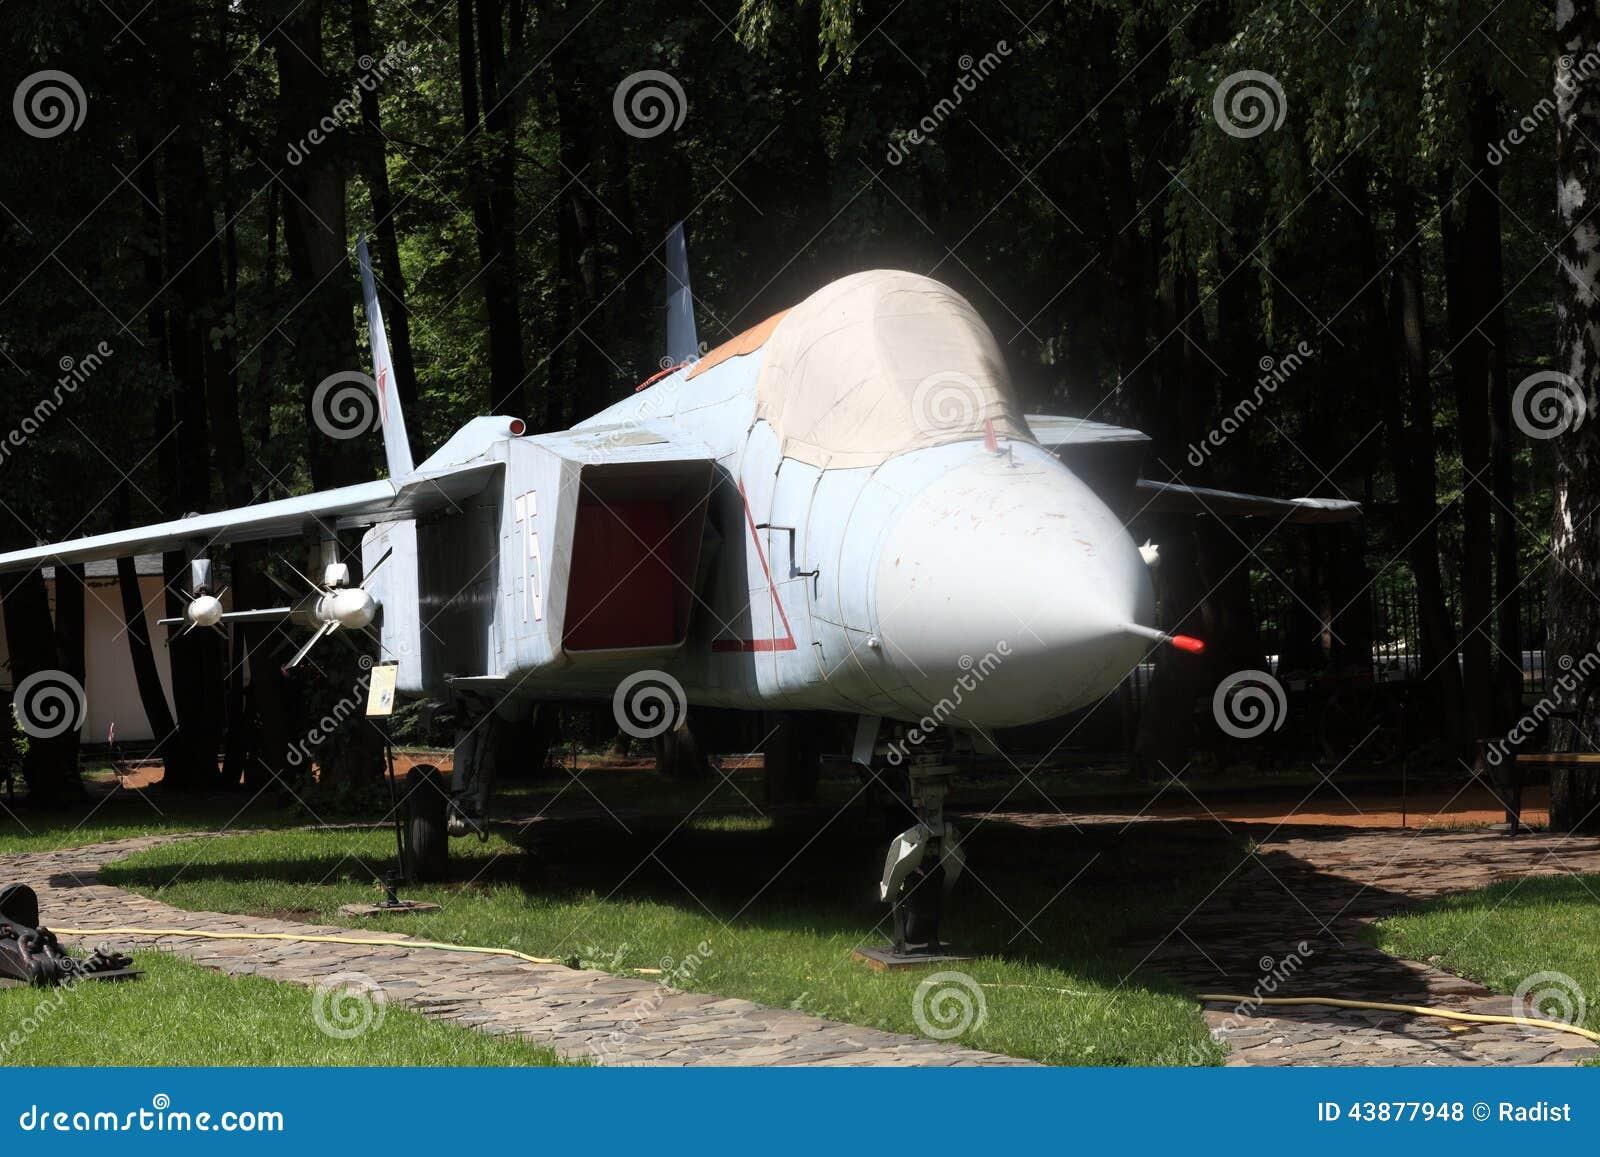 Aereo Da Caccia Russo : Aereo da caccia supersonico fotografia stock immagine di